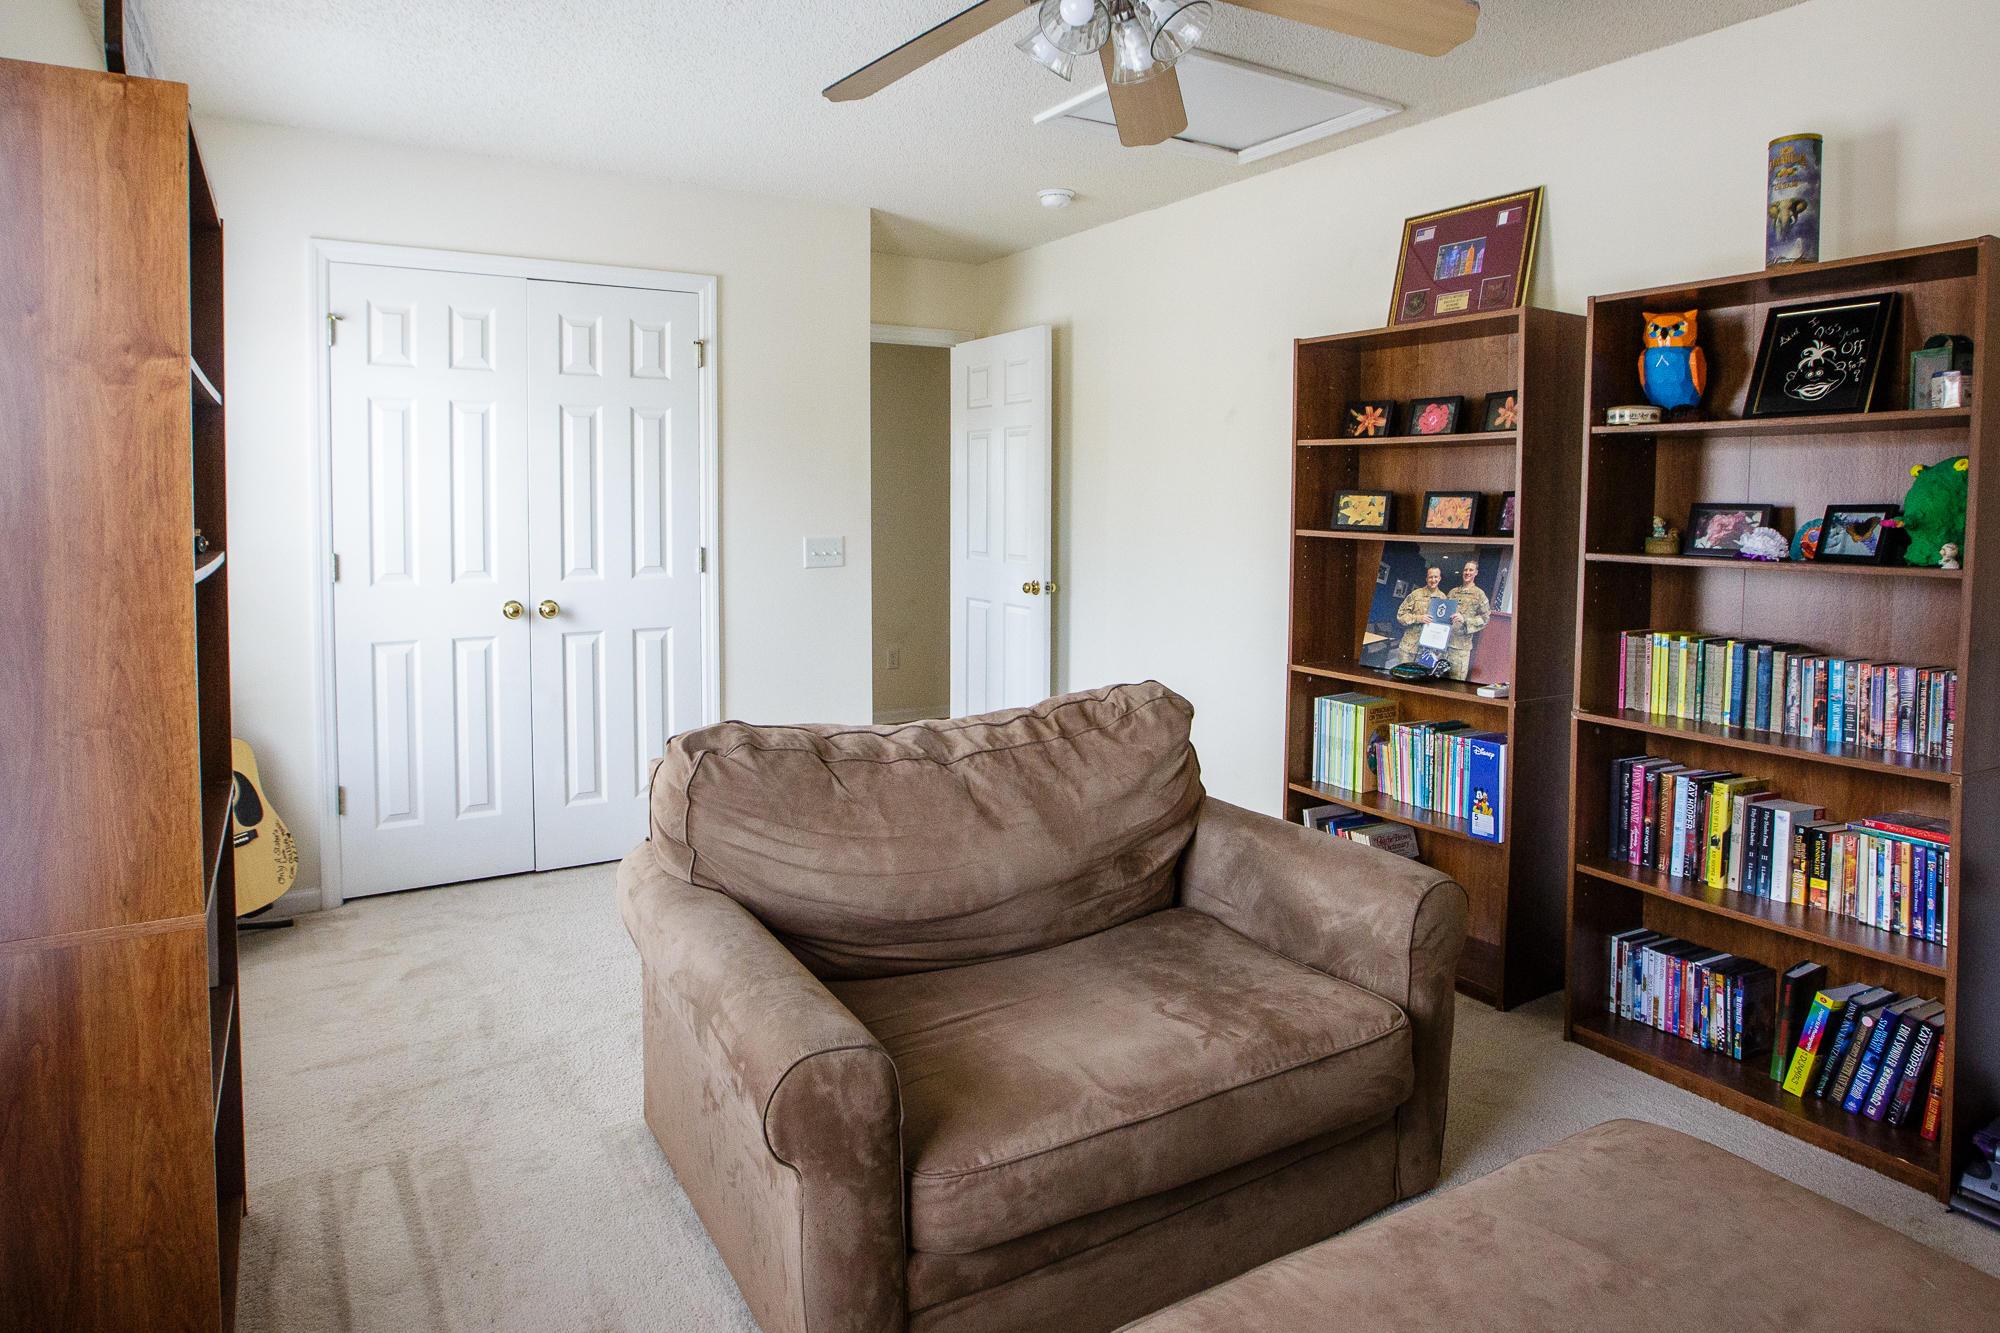 Hawthorne Place Homes For Sale - 347 Cohen, Ladson, SC - 21